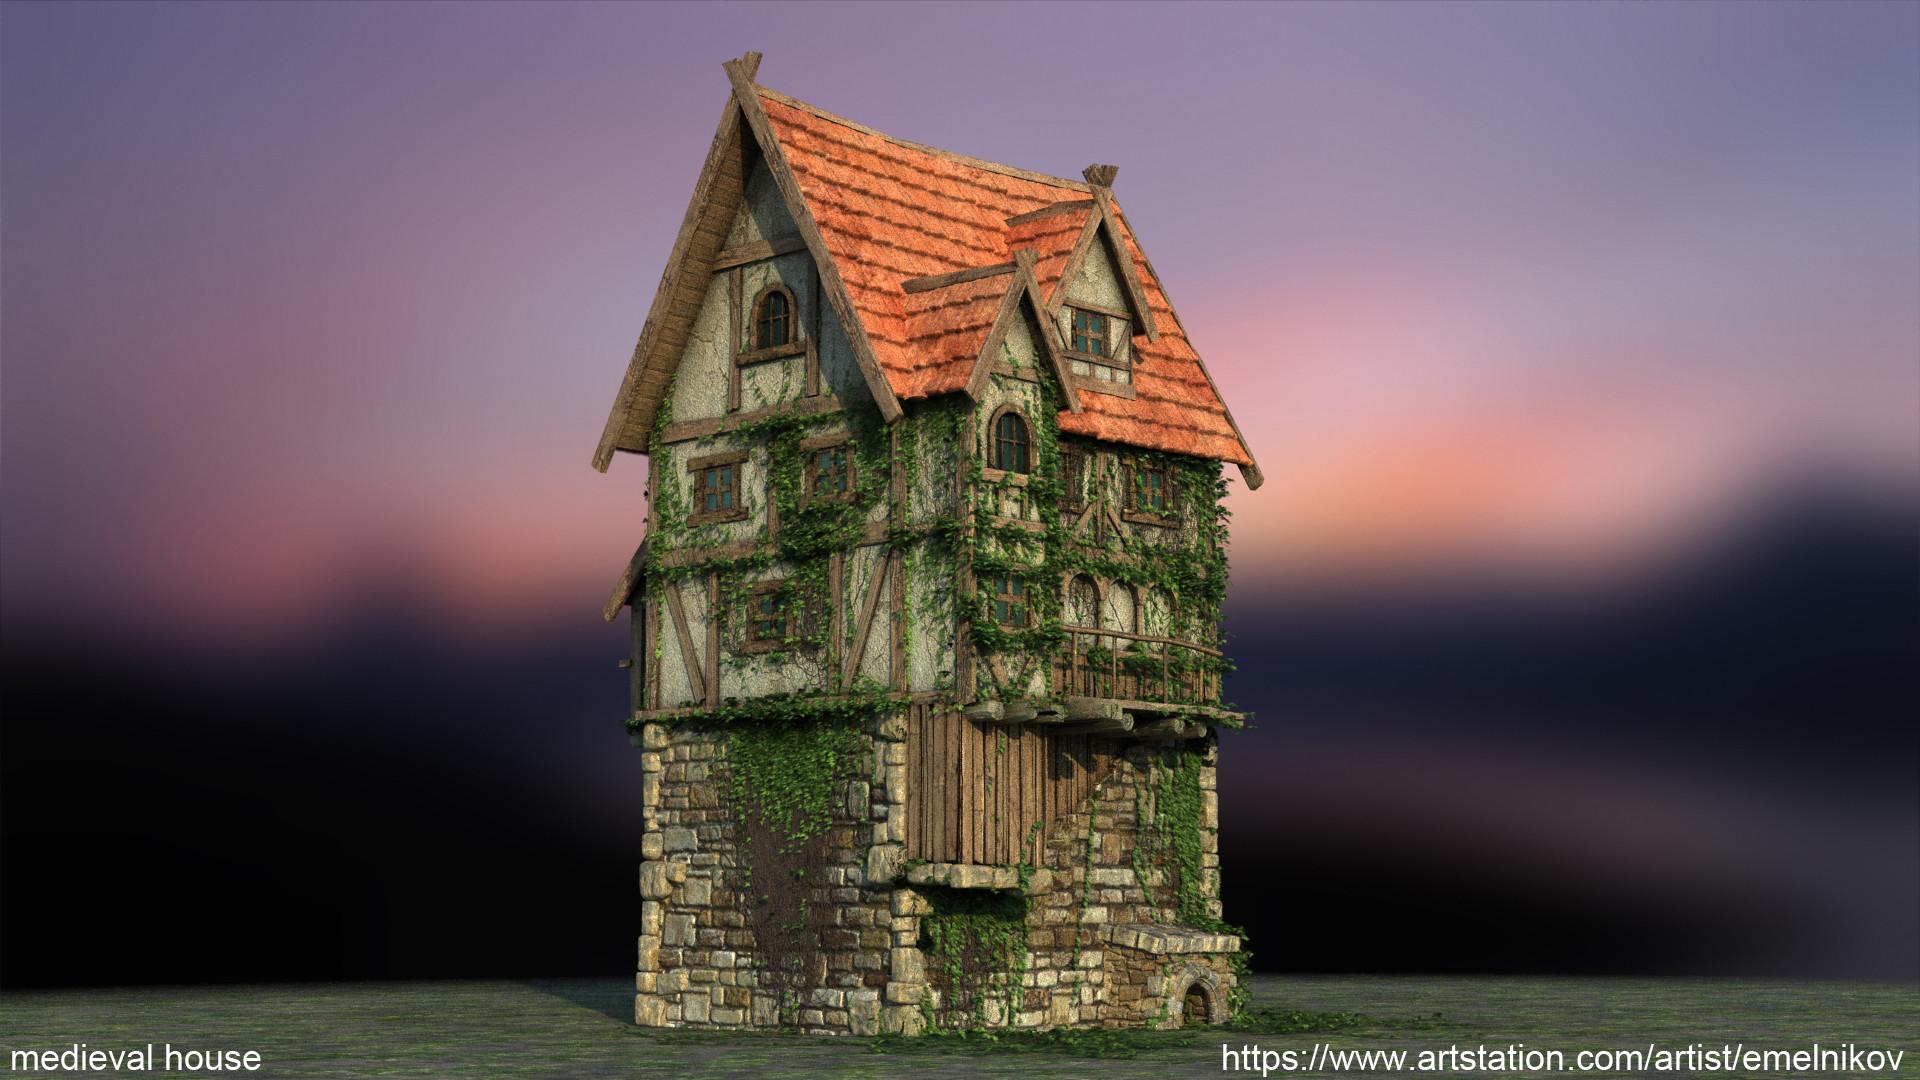 Eugene melnikov medieval house1 render frm7